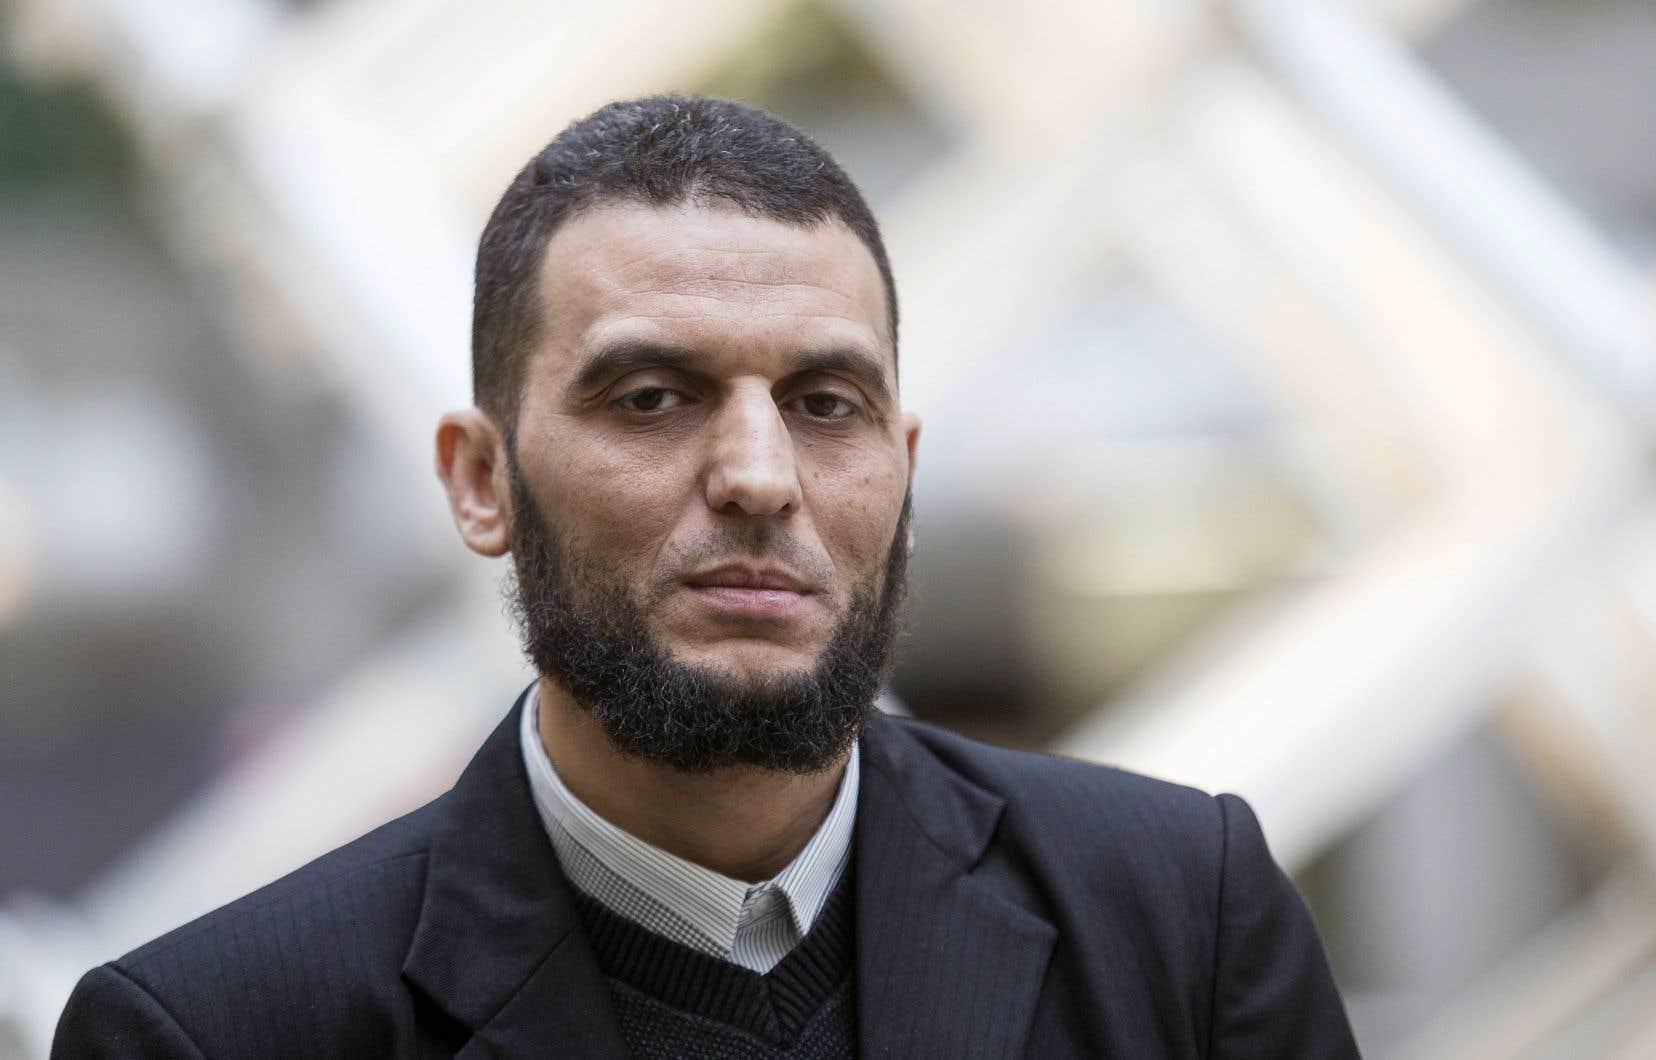 L'un des survivants de la tragédie, Ibrahim Bekkari Sbai, a souligné à quel point l'arrêt de travail qu'il a dû faire au lendemain de la tragédie lui a fait mal.